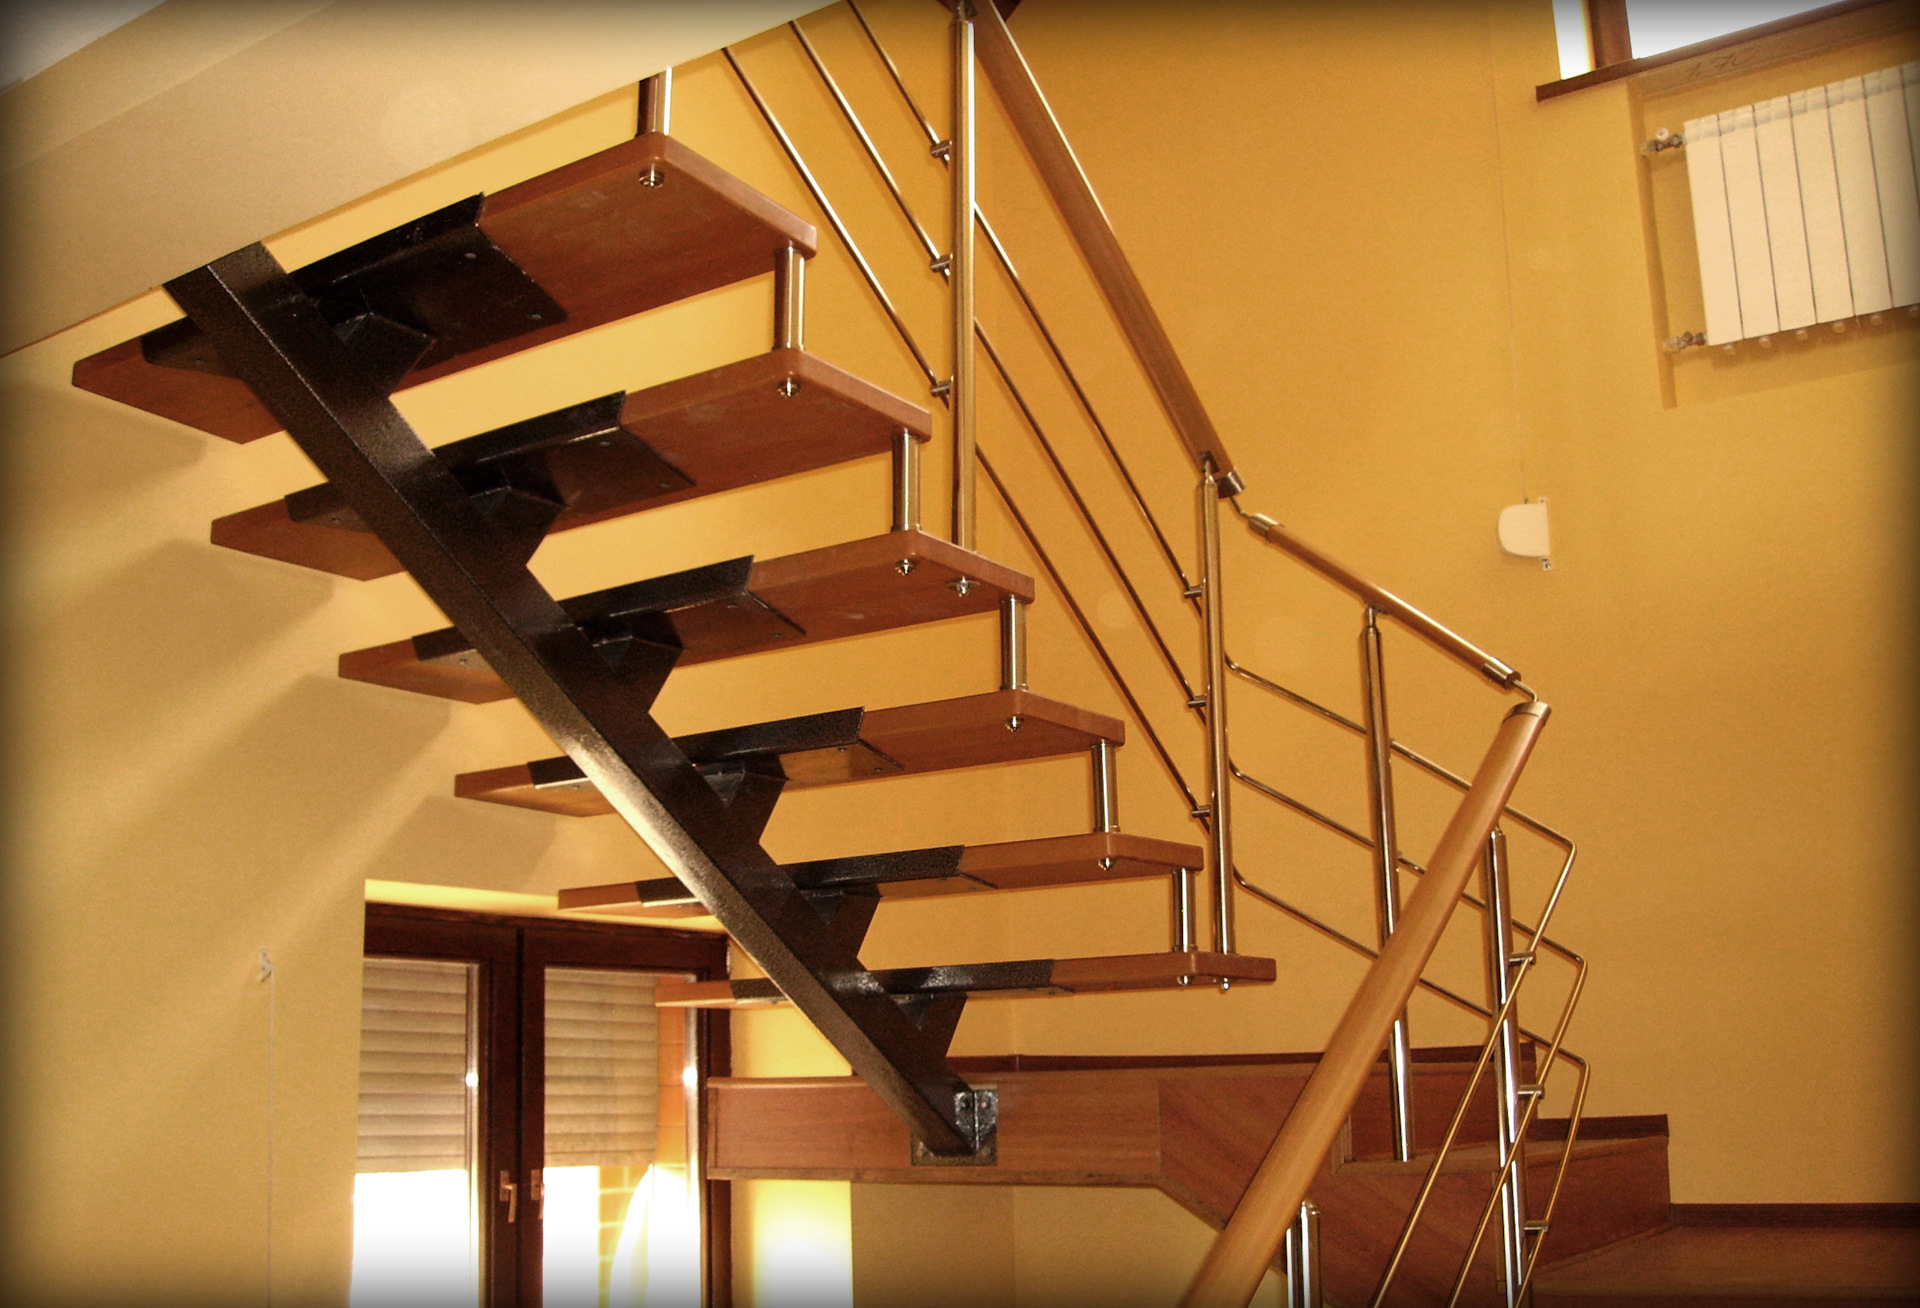 Строительство: Золотая лестница. да еще и с перилами - Спецтехника - каталог ...